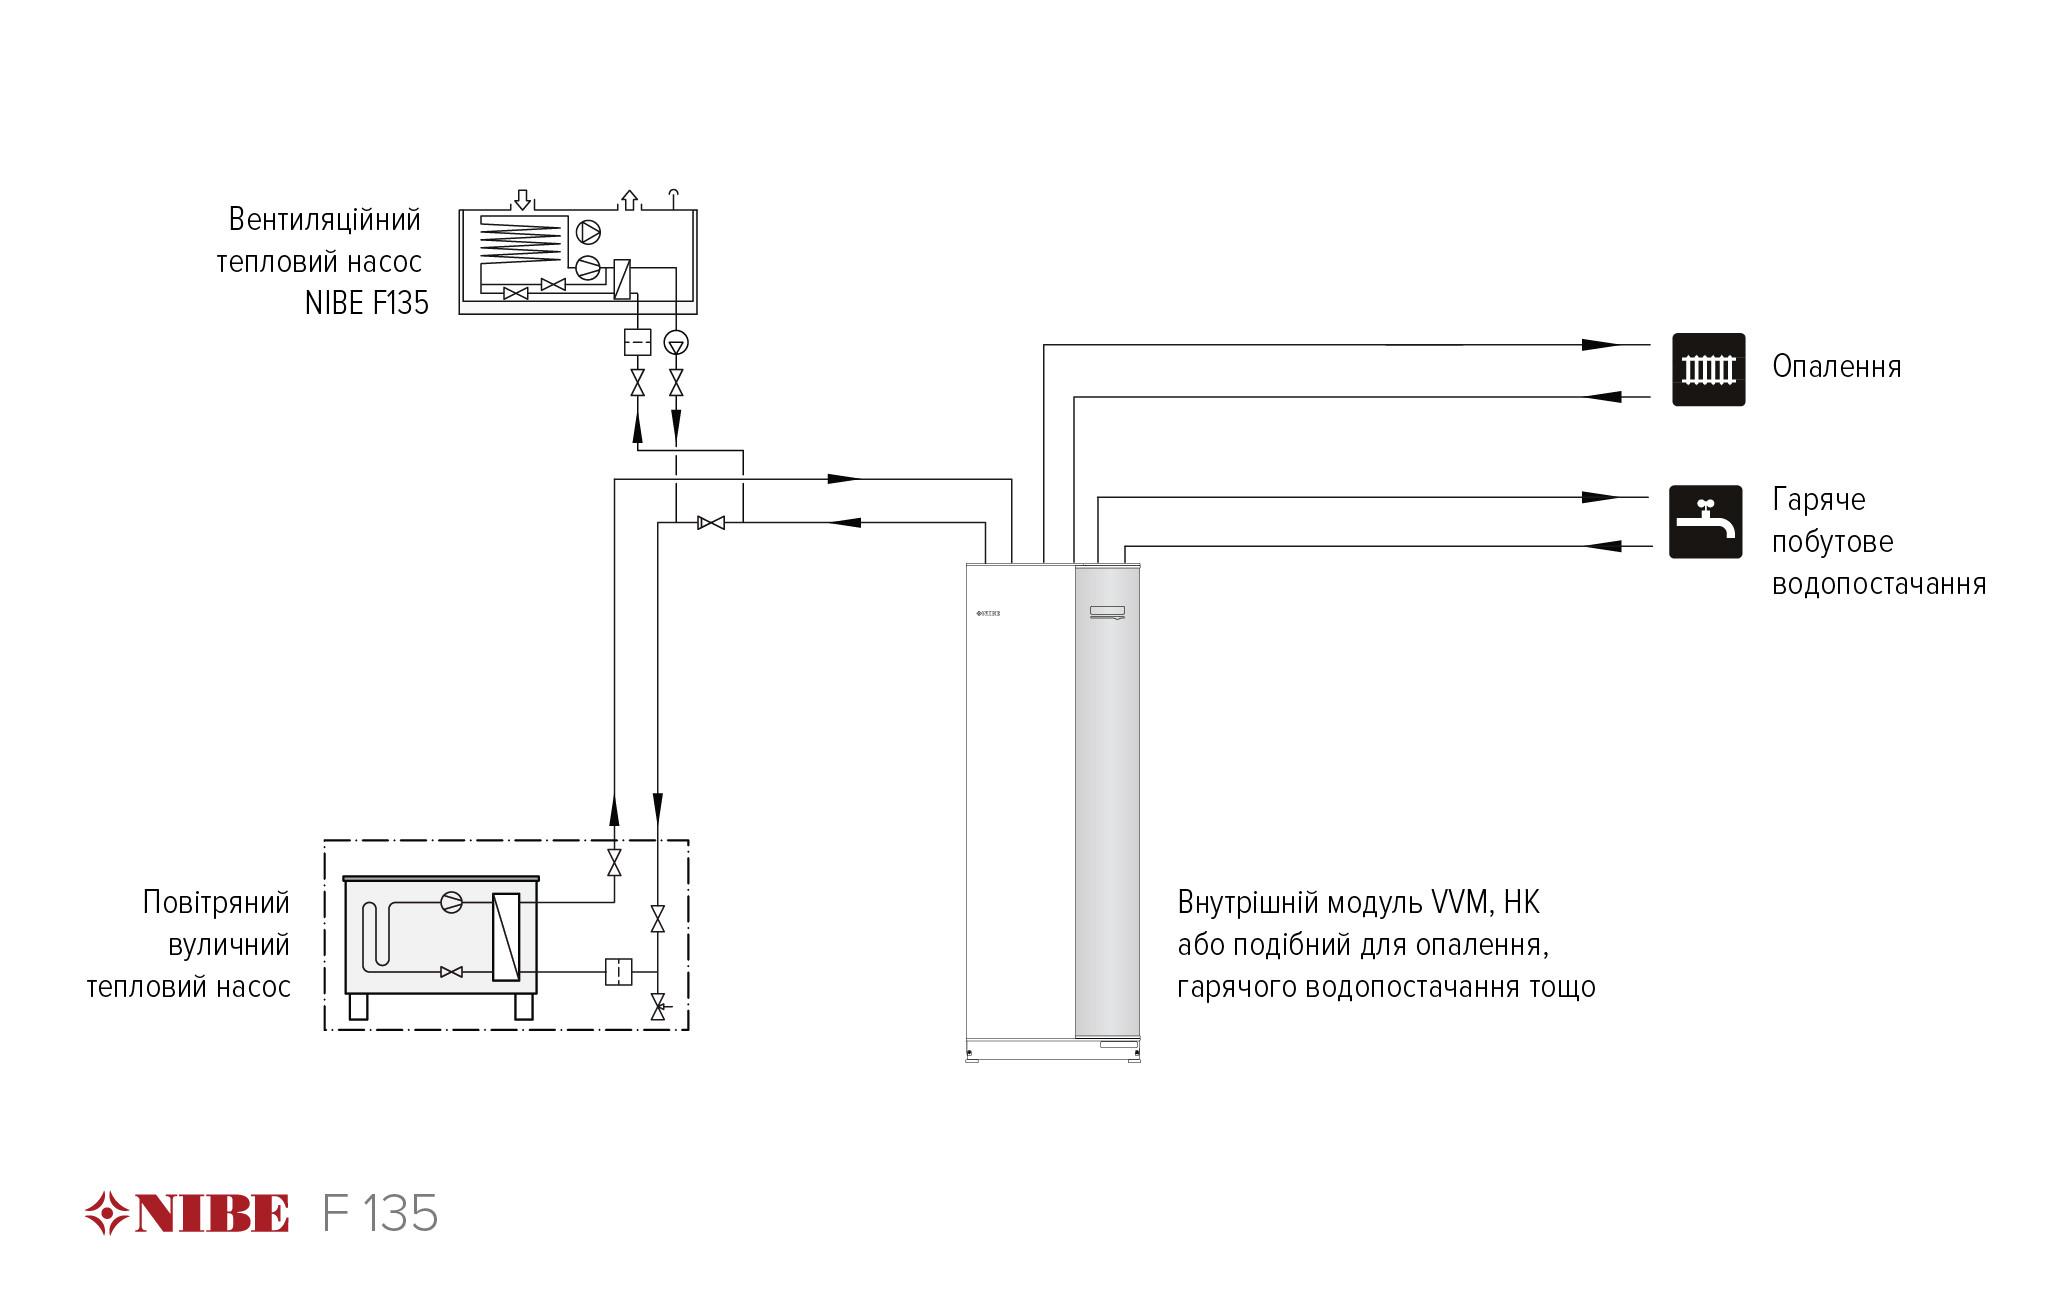 Принципова схема підключення рекуператора - вентиляційного теплового насоса NIBE F135